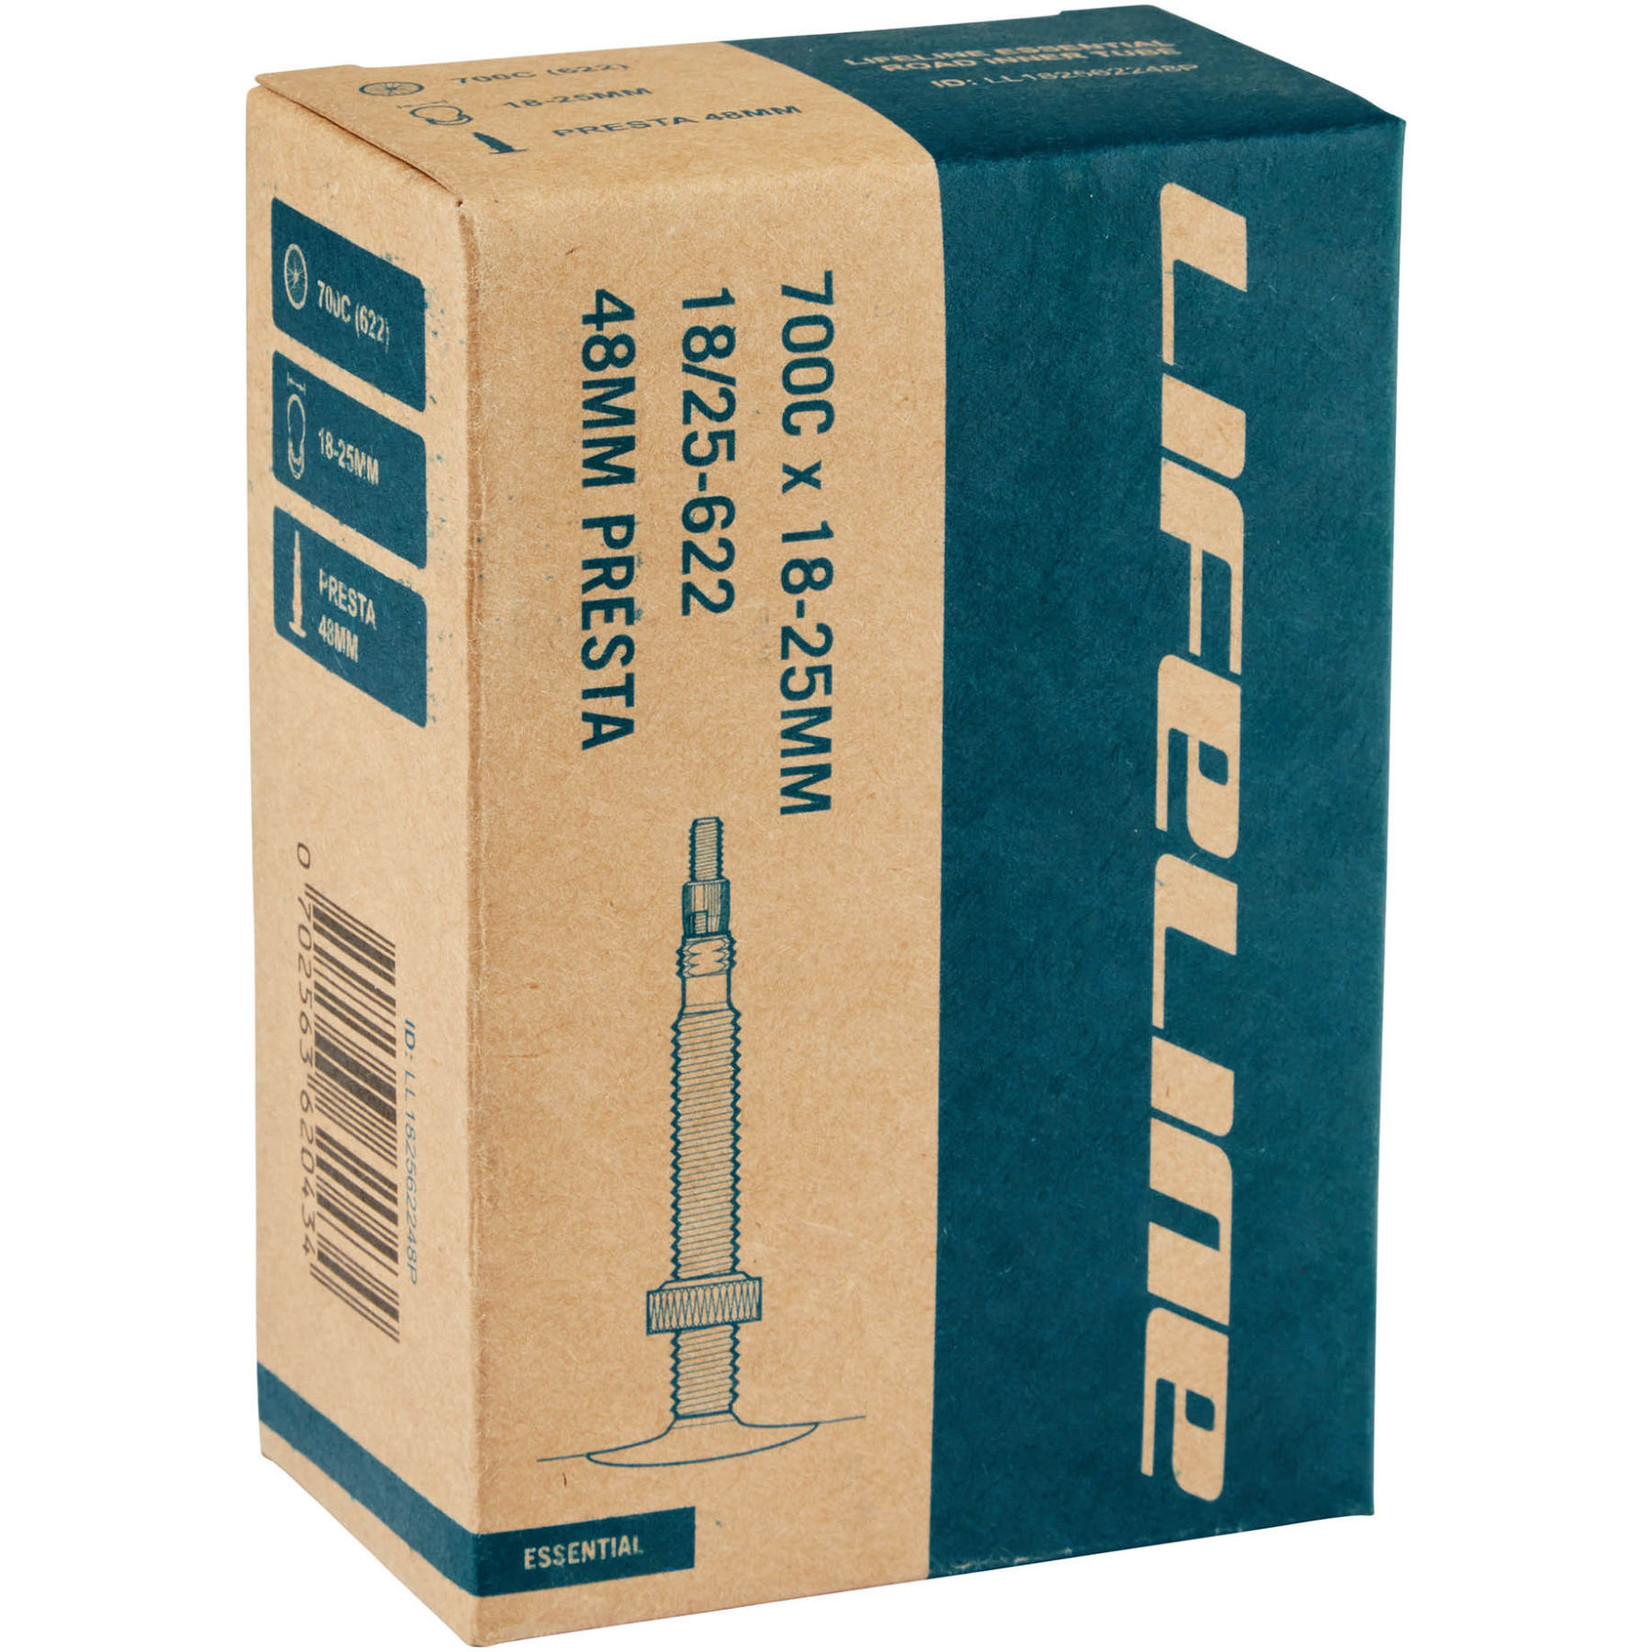 LifeLine Inner Tube Road 700C x 18-25mm Presta 48mm